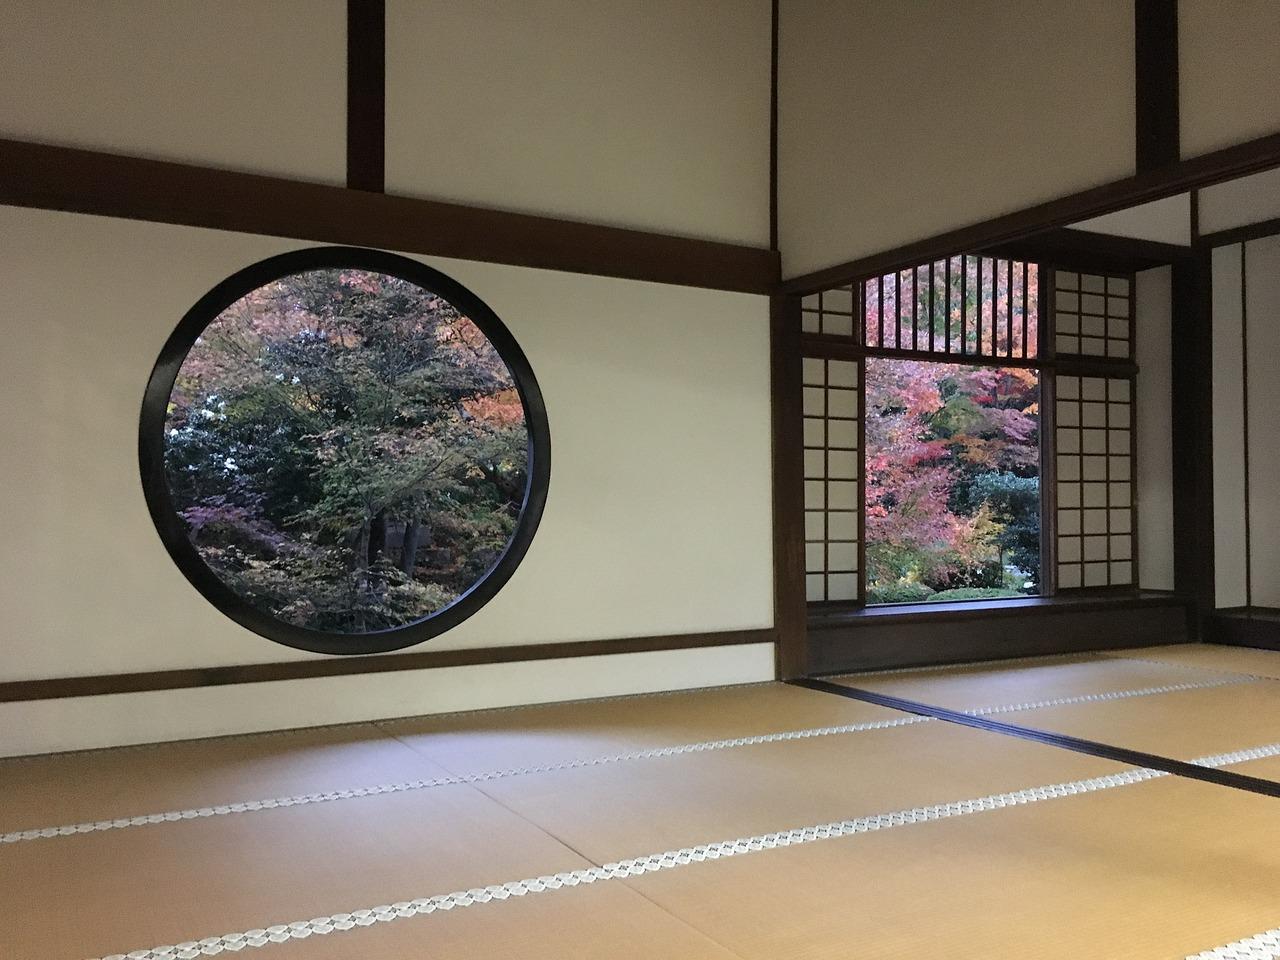 Plan Maison Traditionnelle Japonaise transformer sa chambre en chambre traditionnelle japonaise.